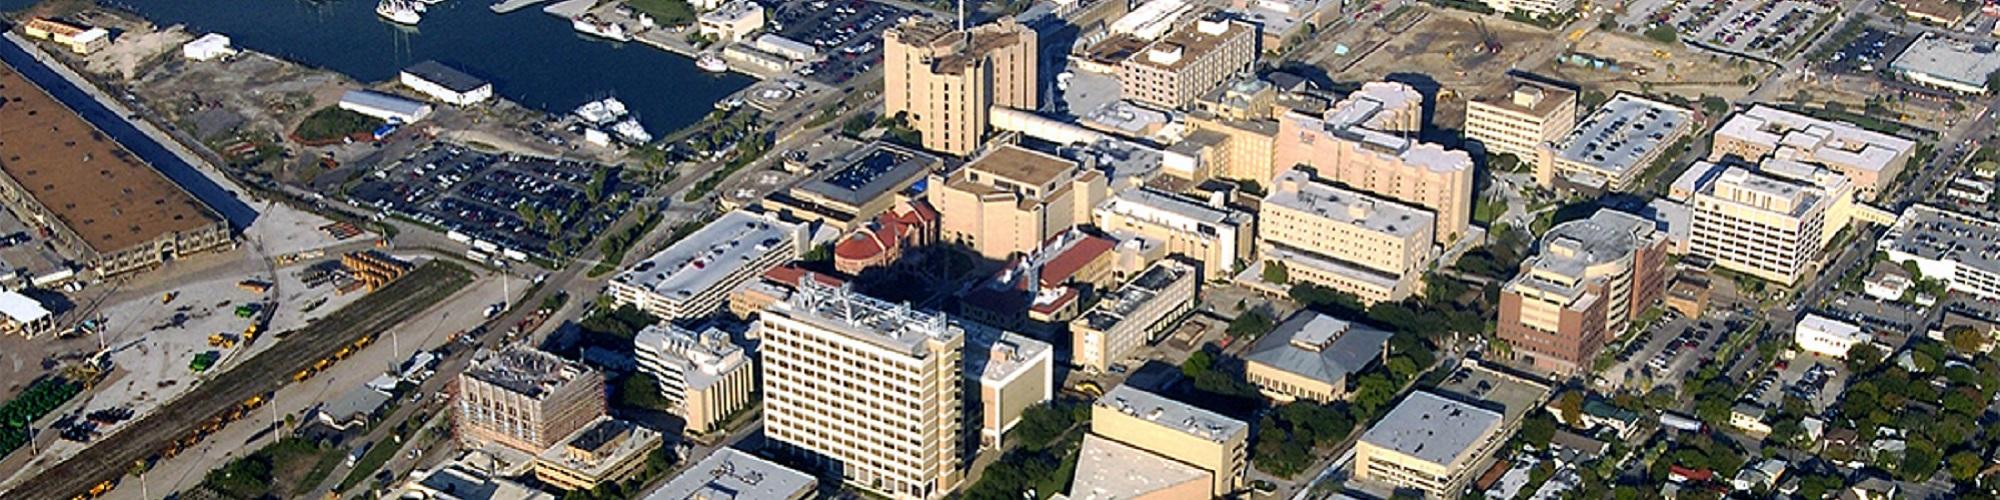 Aerial photo of UTMB